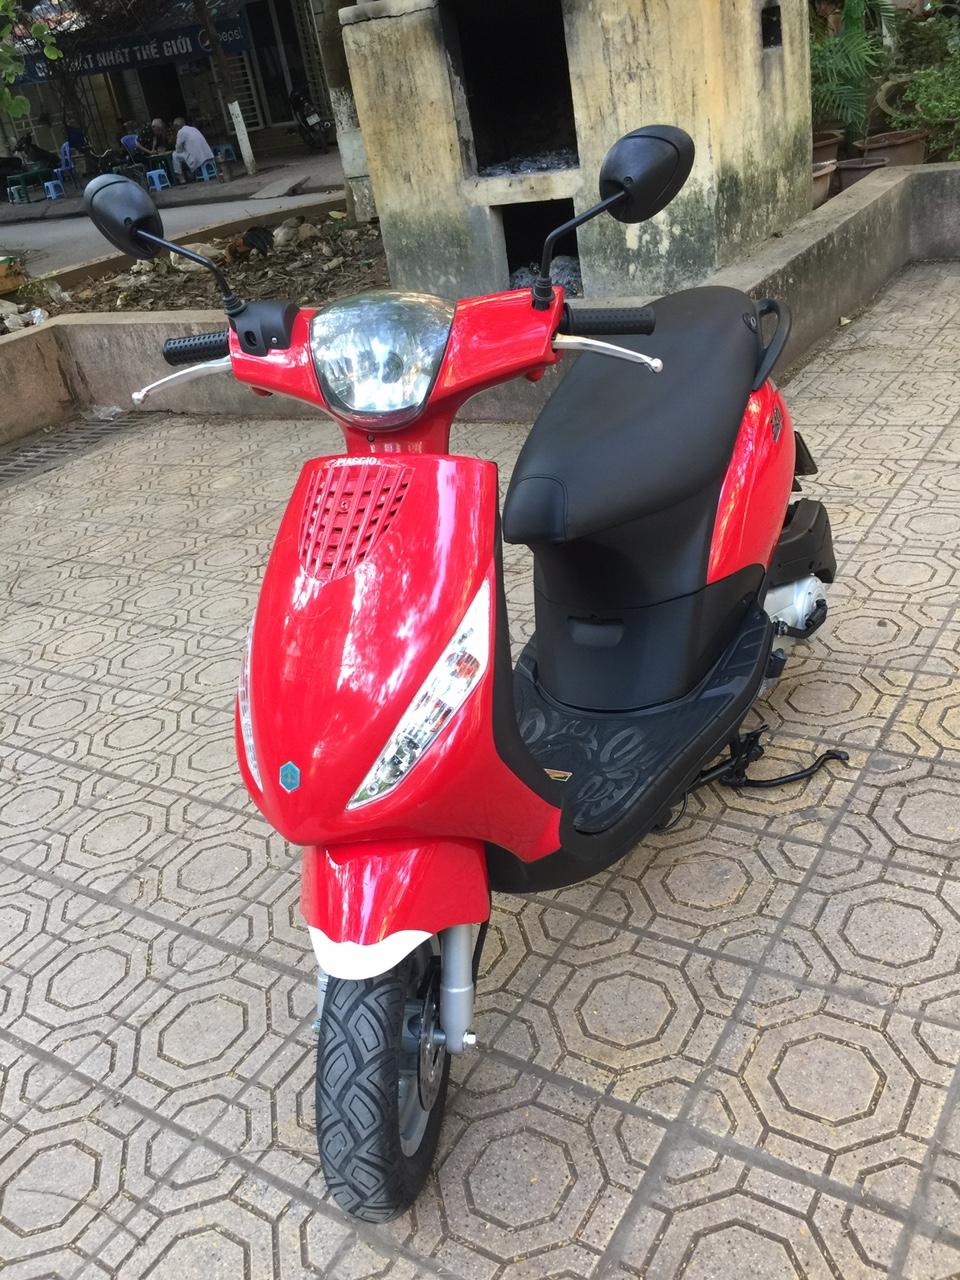 Ban Piaggio Zip viet 2016 khong co nhu cau dung bien Hn con moi